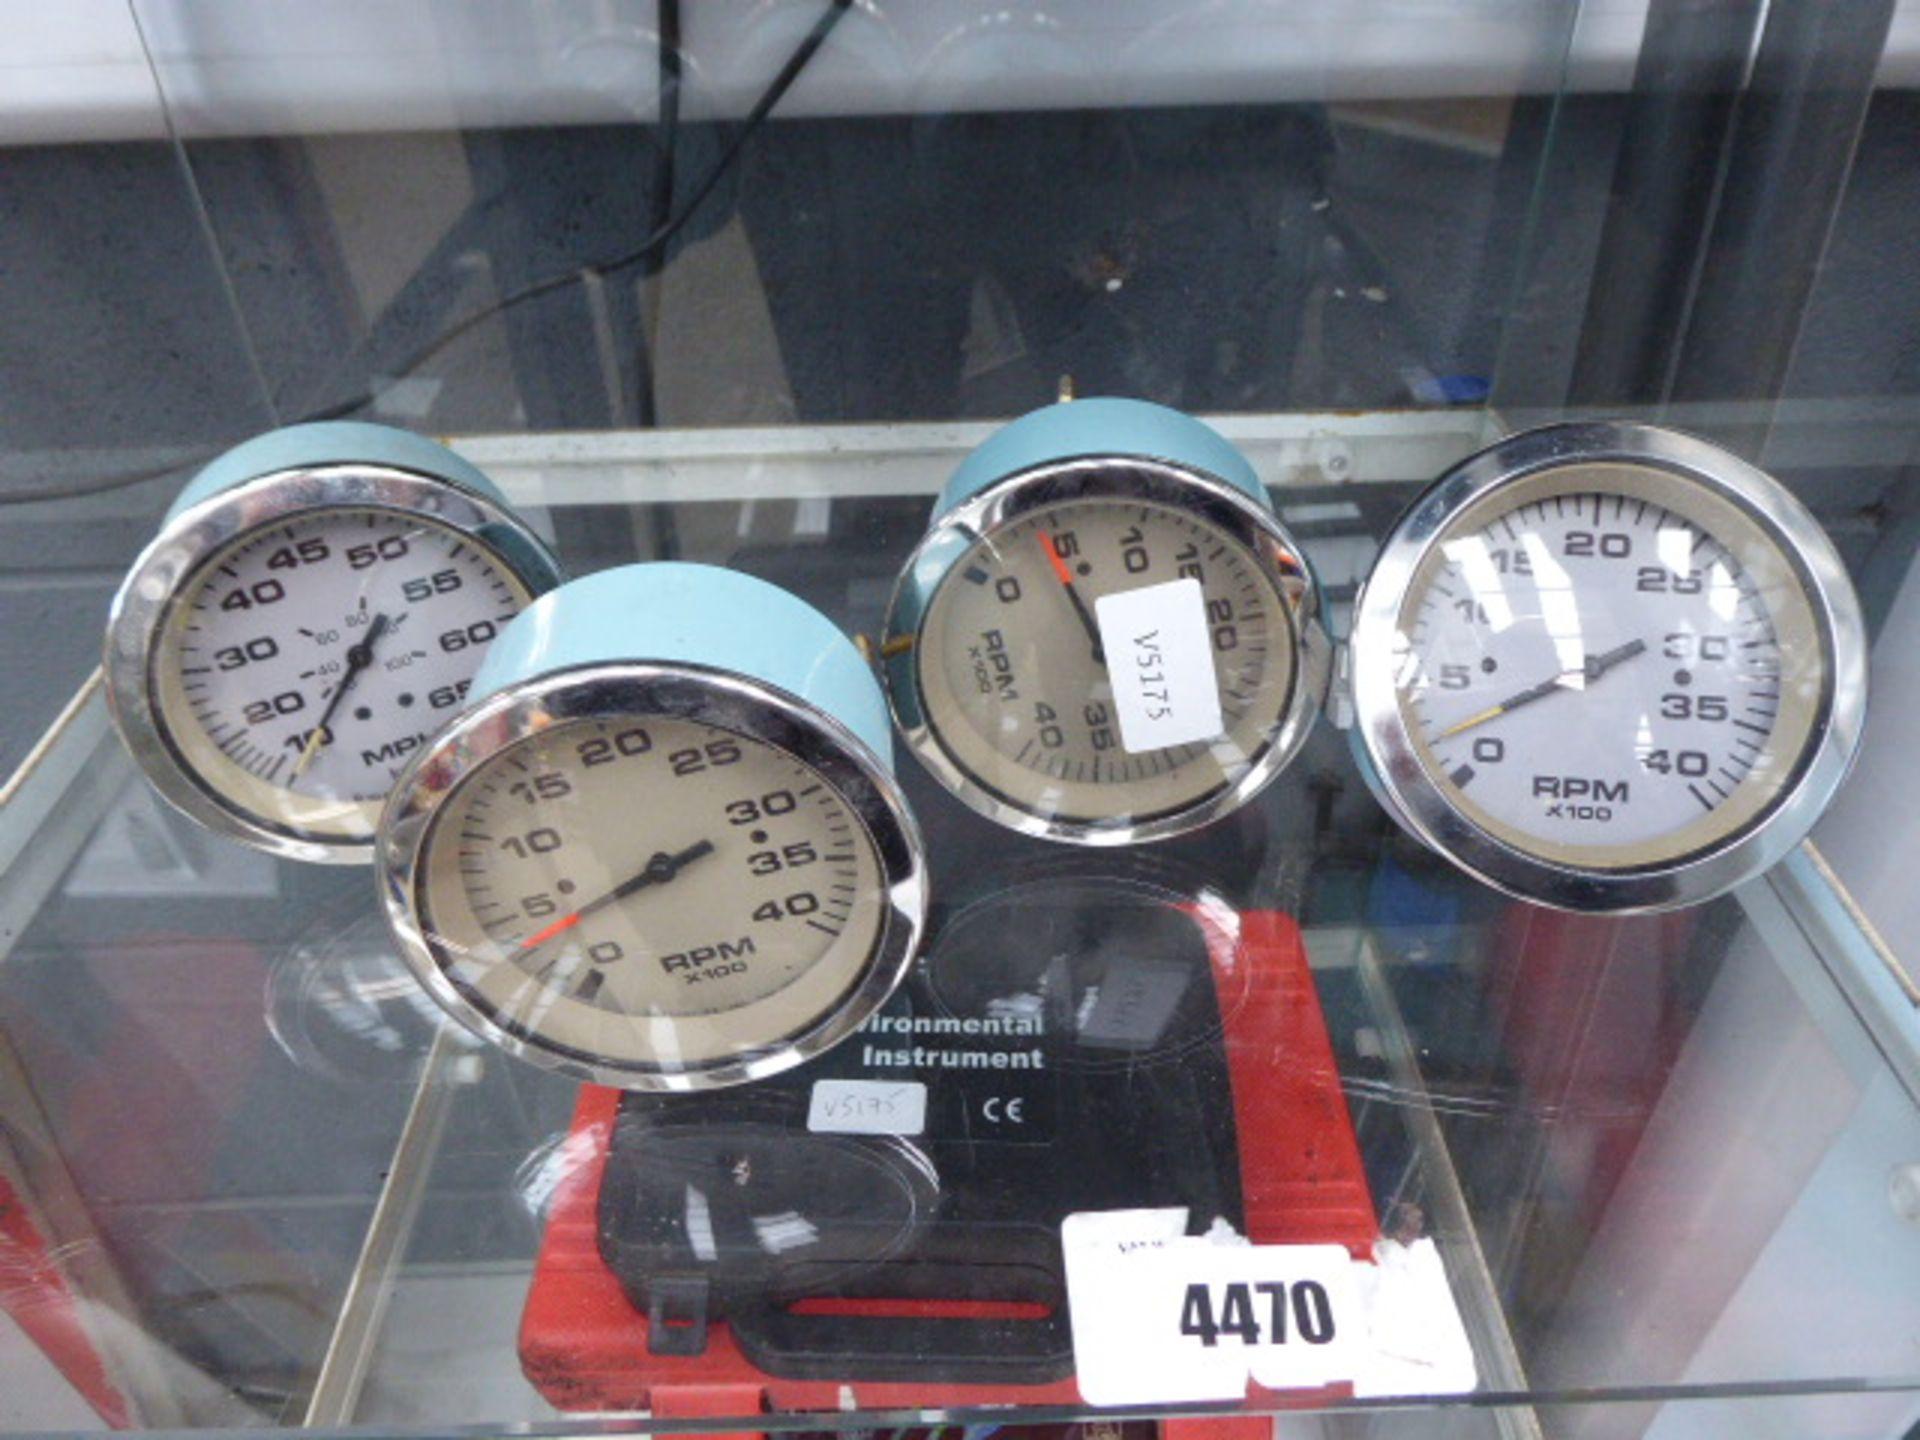 Lot 4470 - 4 vintage car gauges